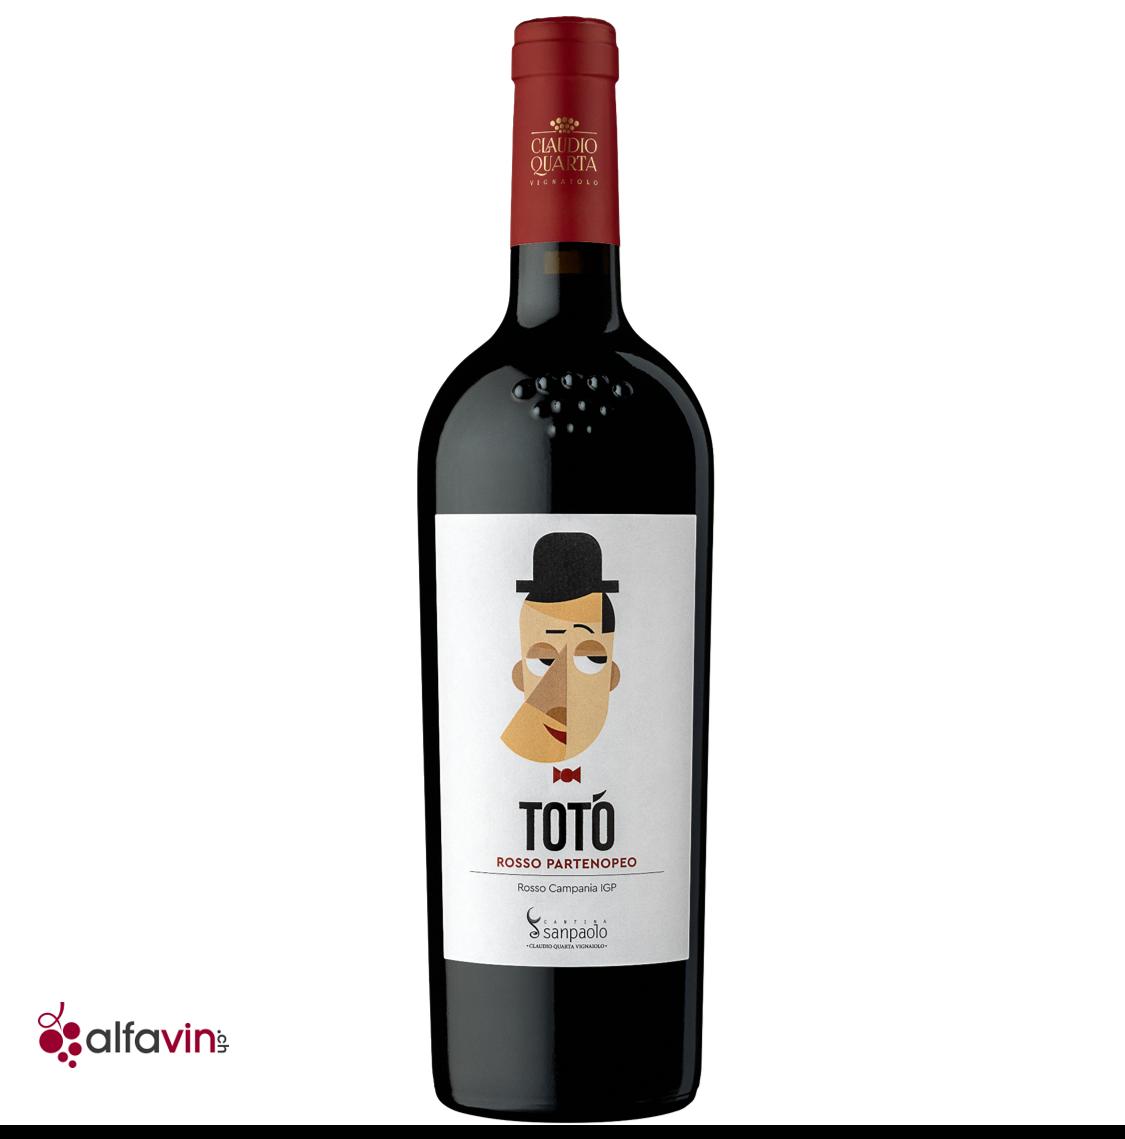 Toto Rosso 2018